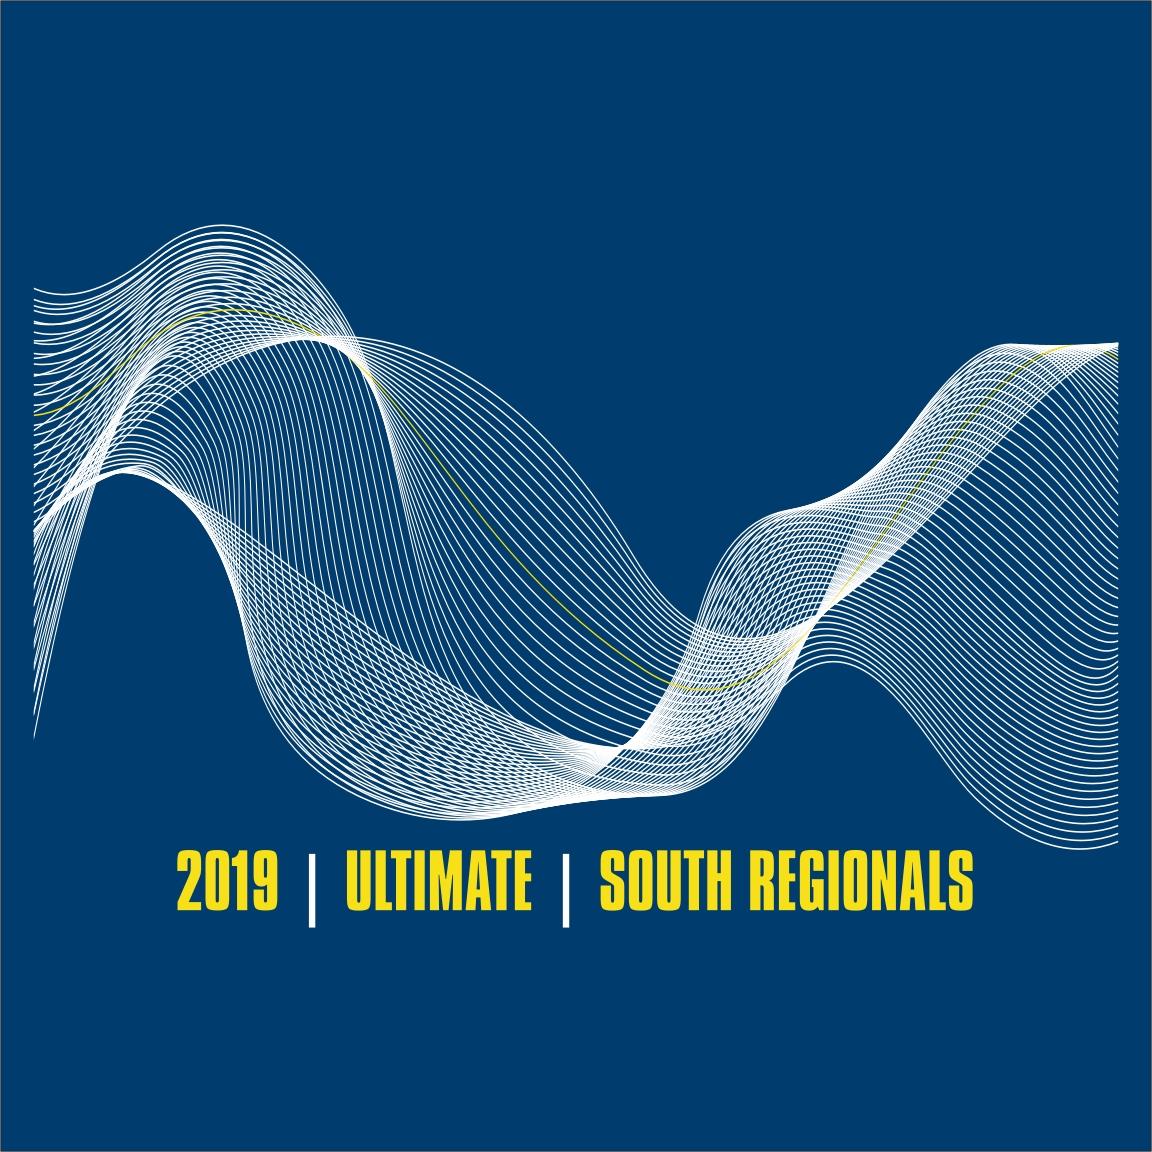 2018 Ultimate logo blue.jpg